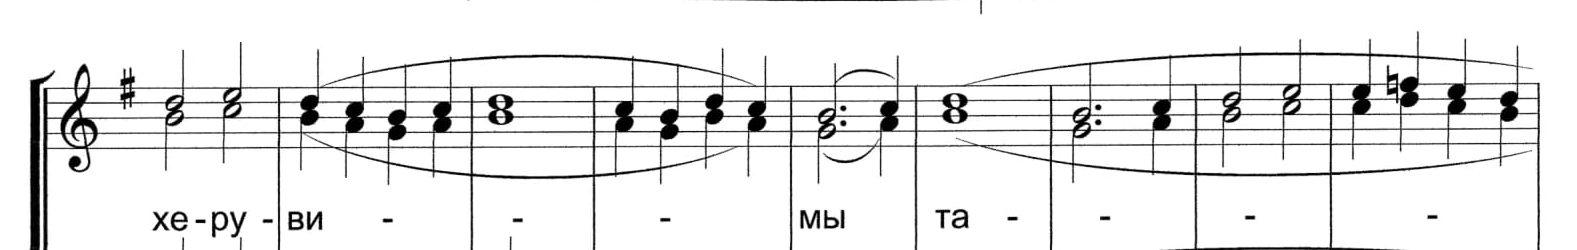 Херувимская песнь. Болгарский распев